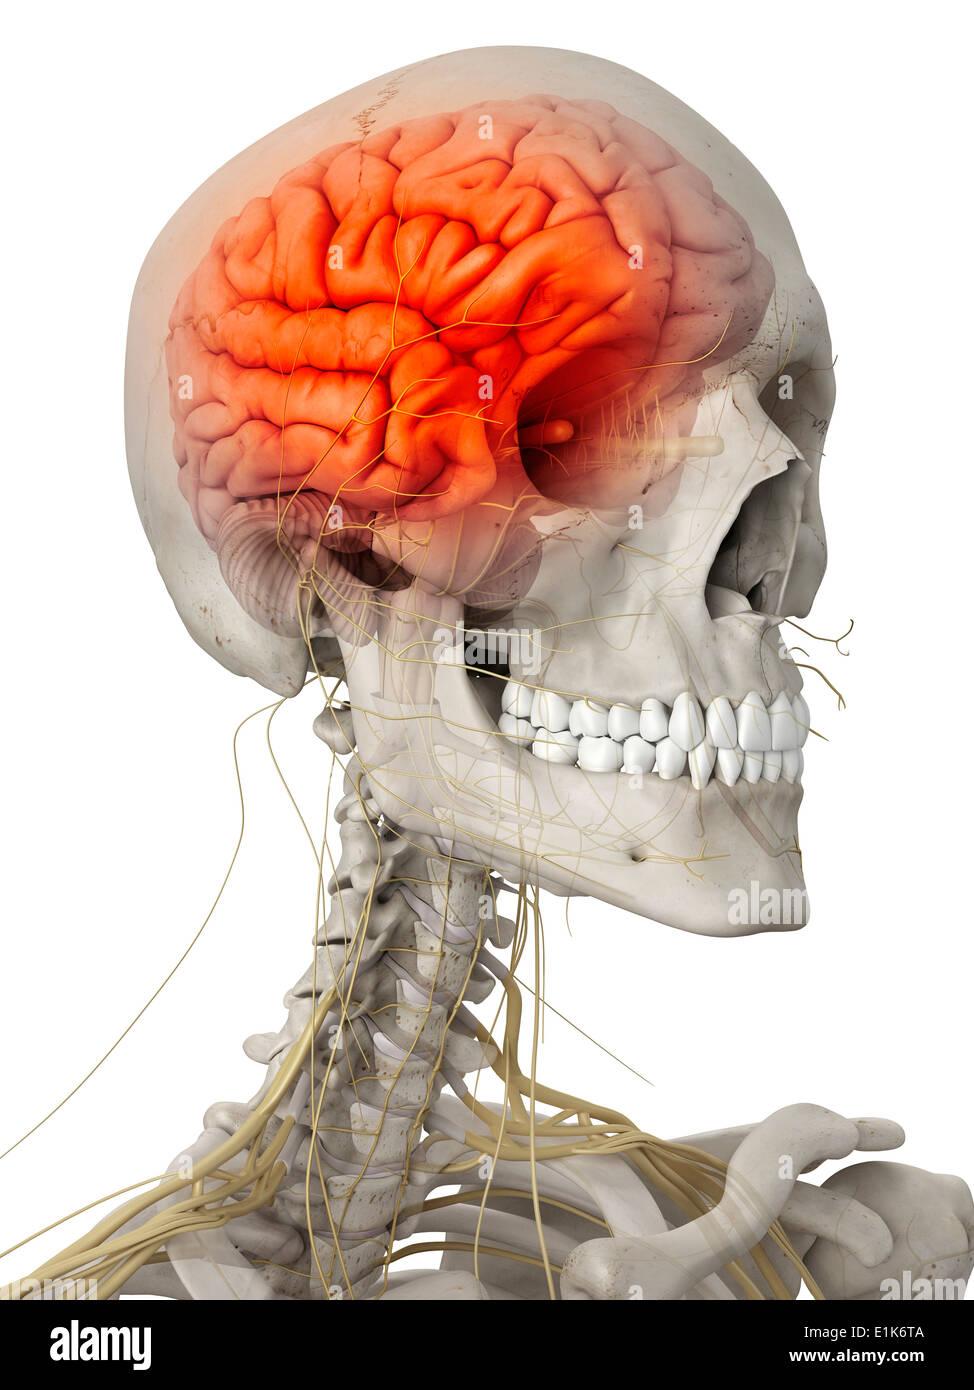 Cerebro Humano y los nervios de la cabeza equipo ilustraciones. Imagen De Stock